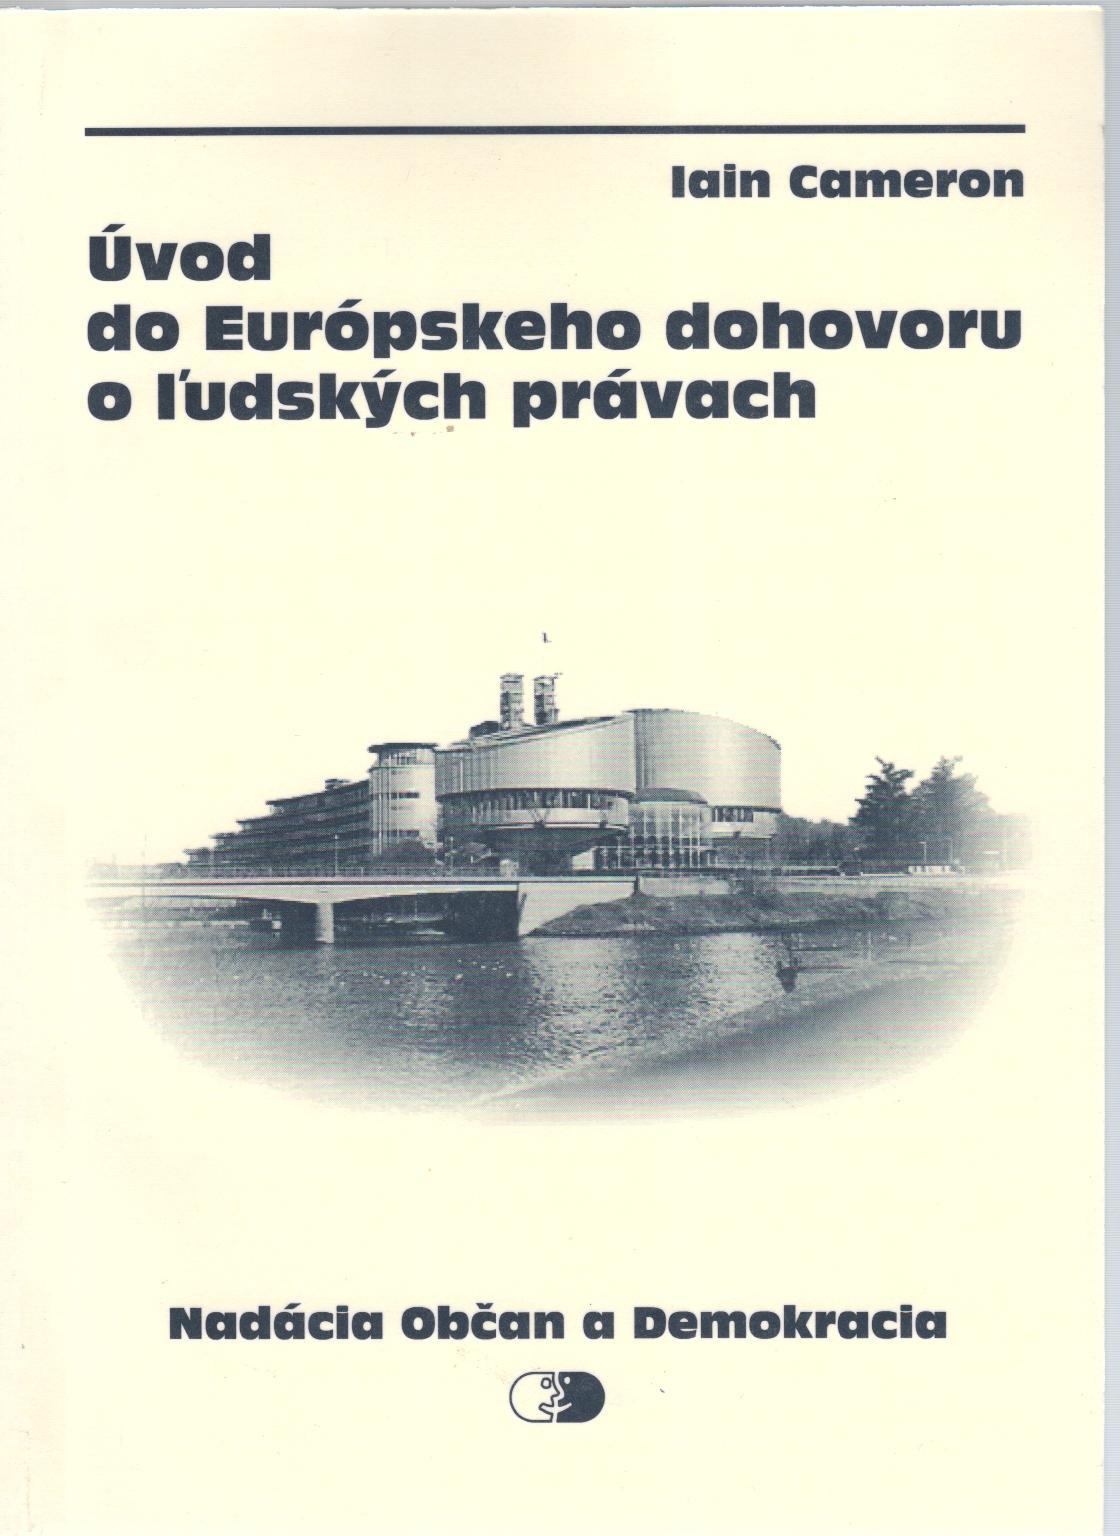 Úvod do Európskeho dohovoru o ľudských právach